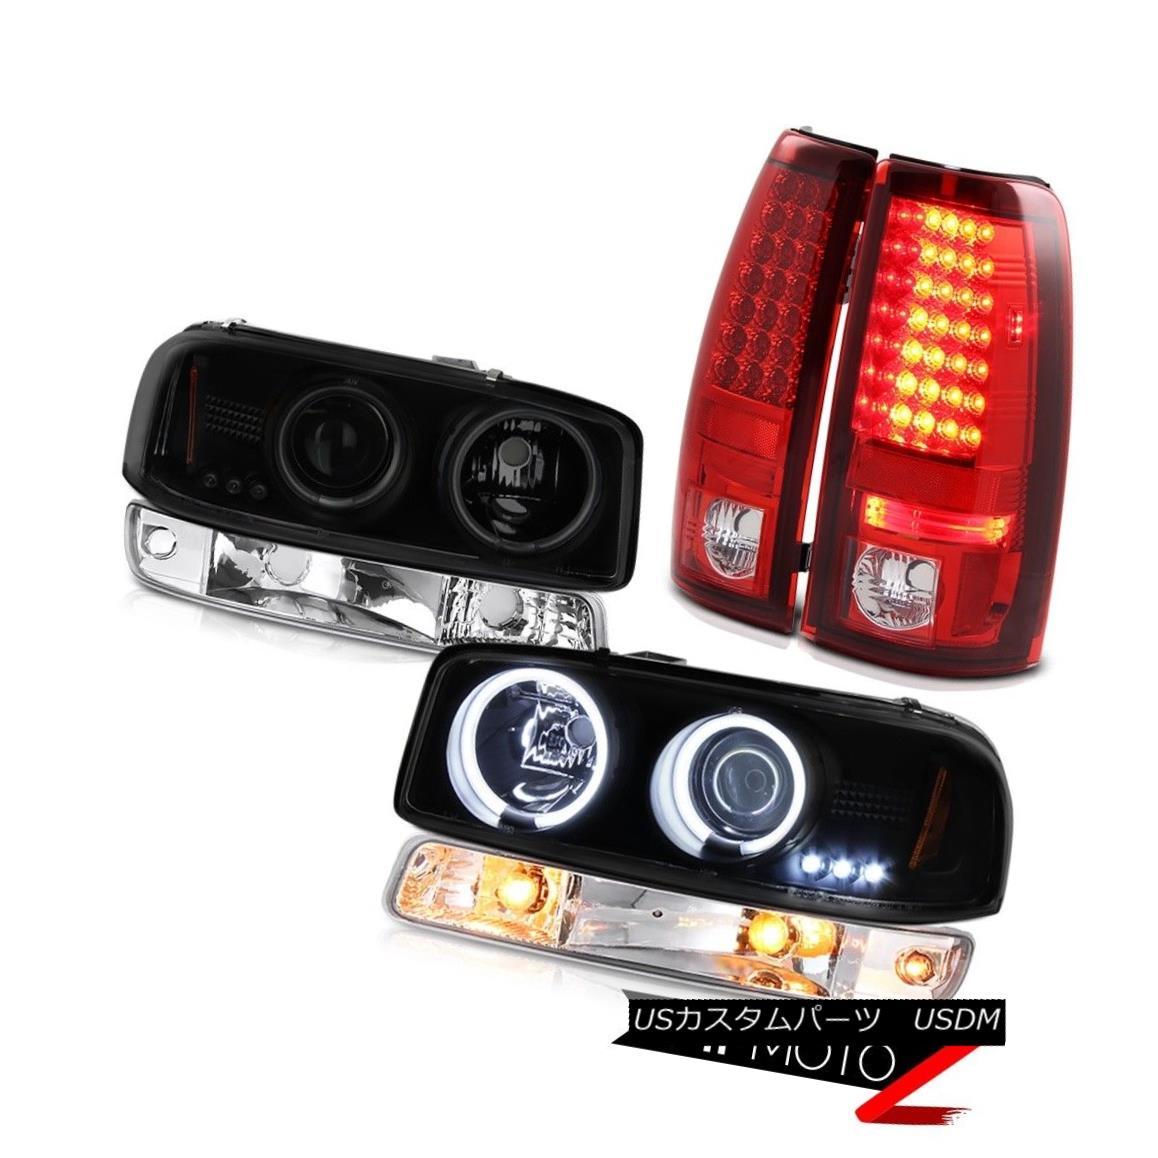 テールライト 99-06 Sierra 6.0L Parking brake lights euro chrome bumper lamp ccfl headlights 99-06 Sierra 6.0Lパーキングブレーキライトユーロクロムバンパーランプccflヘッドライト